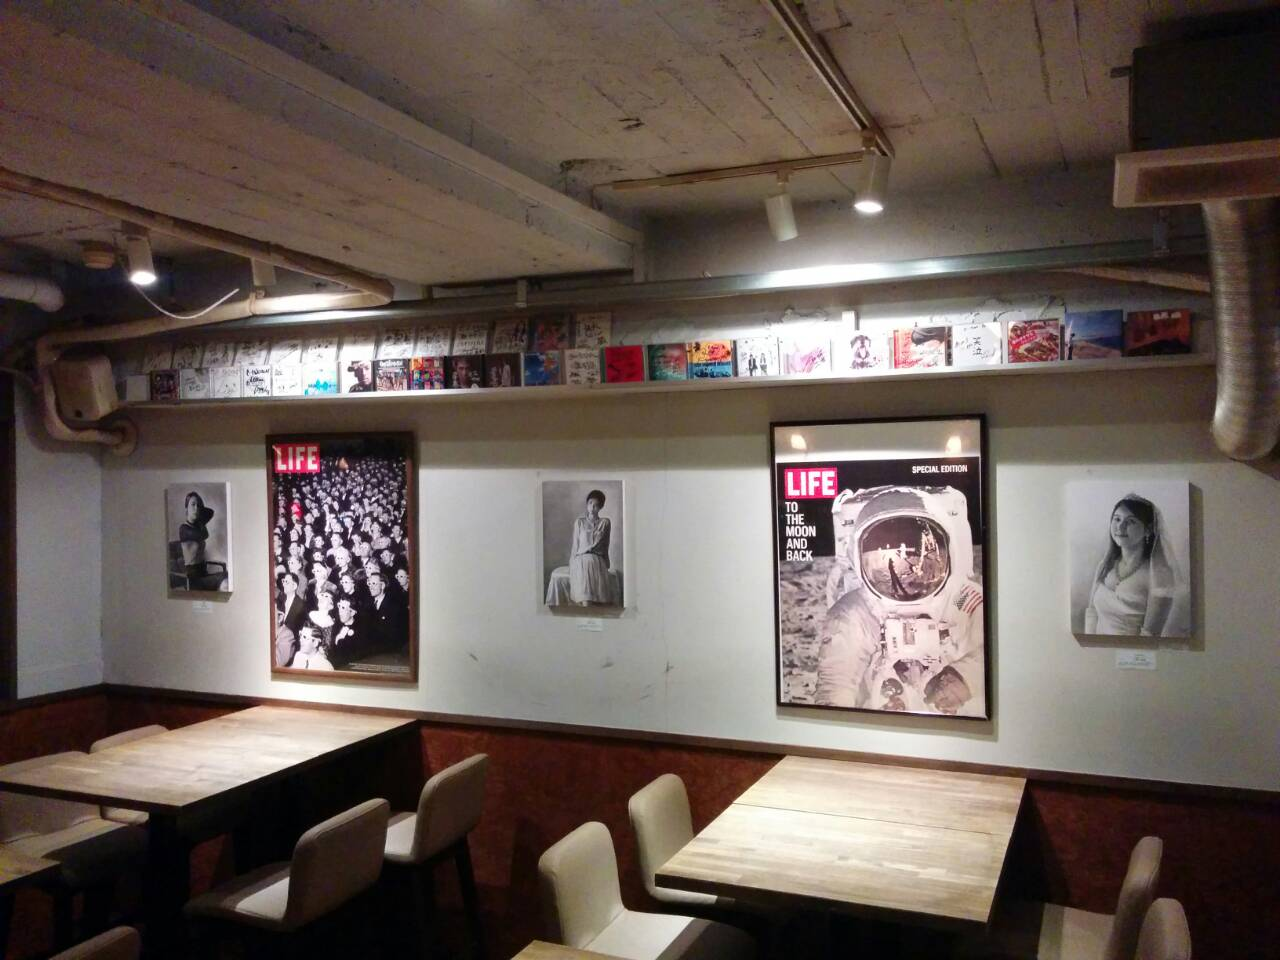 鉛筆画アーティスト:江副拓郎さん作品展示 大阪市西区ダイニングバーにて